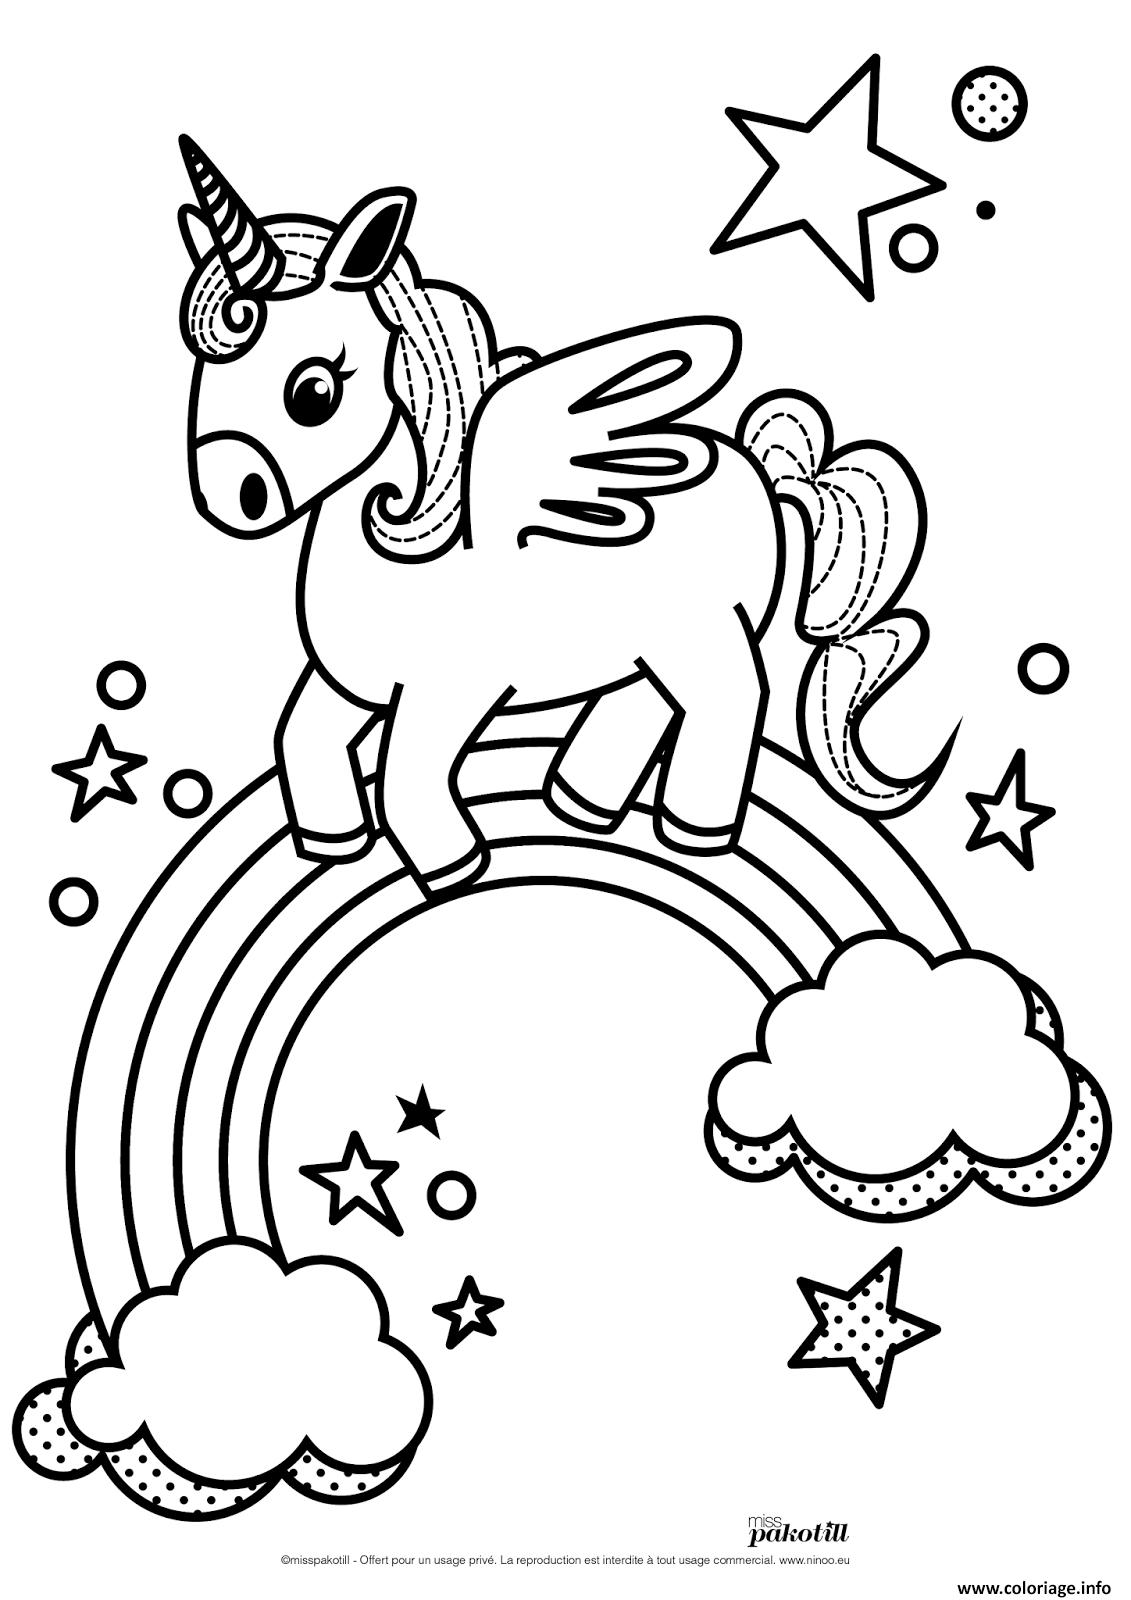 Coloriage licorne ailes tete mignon 82 dessin - Coloriage mignon a imprimer ...